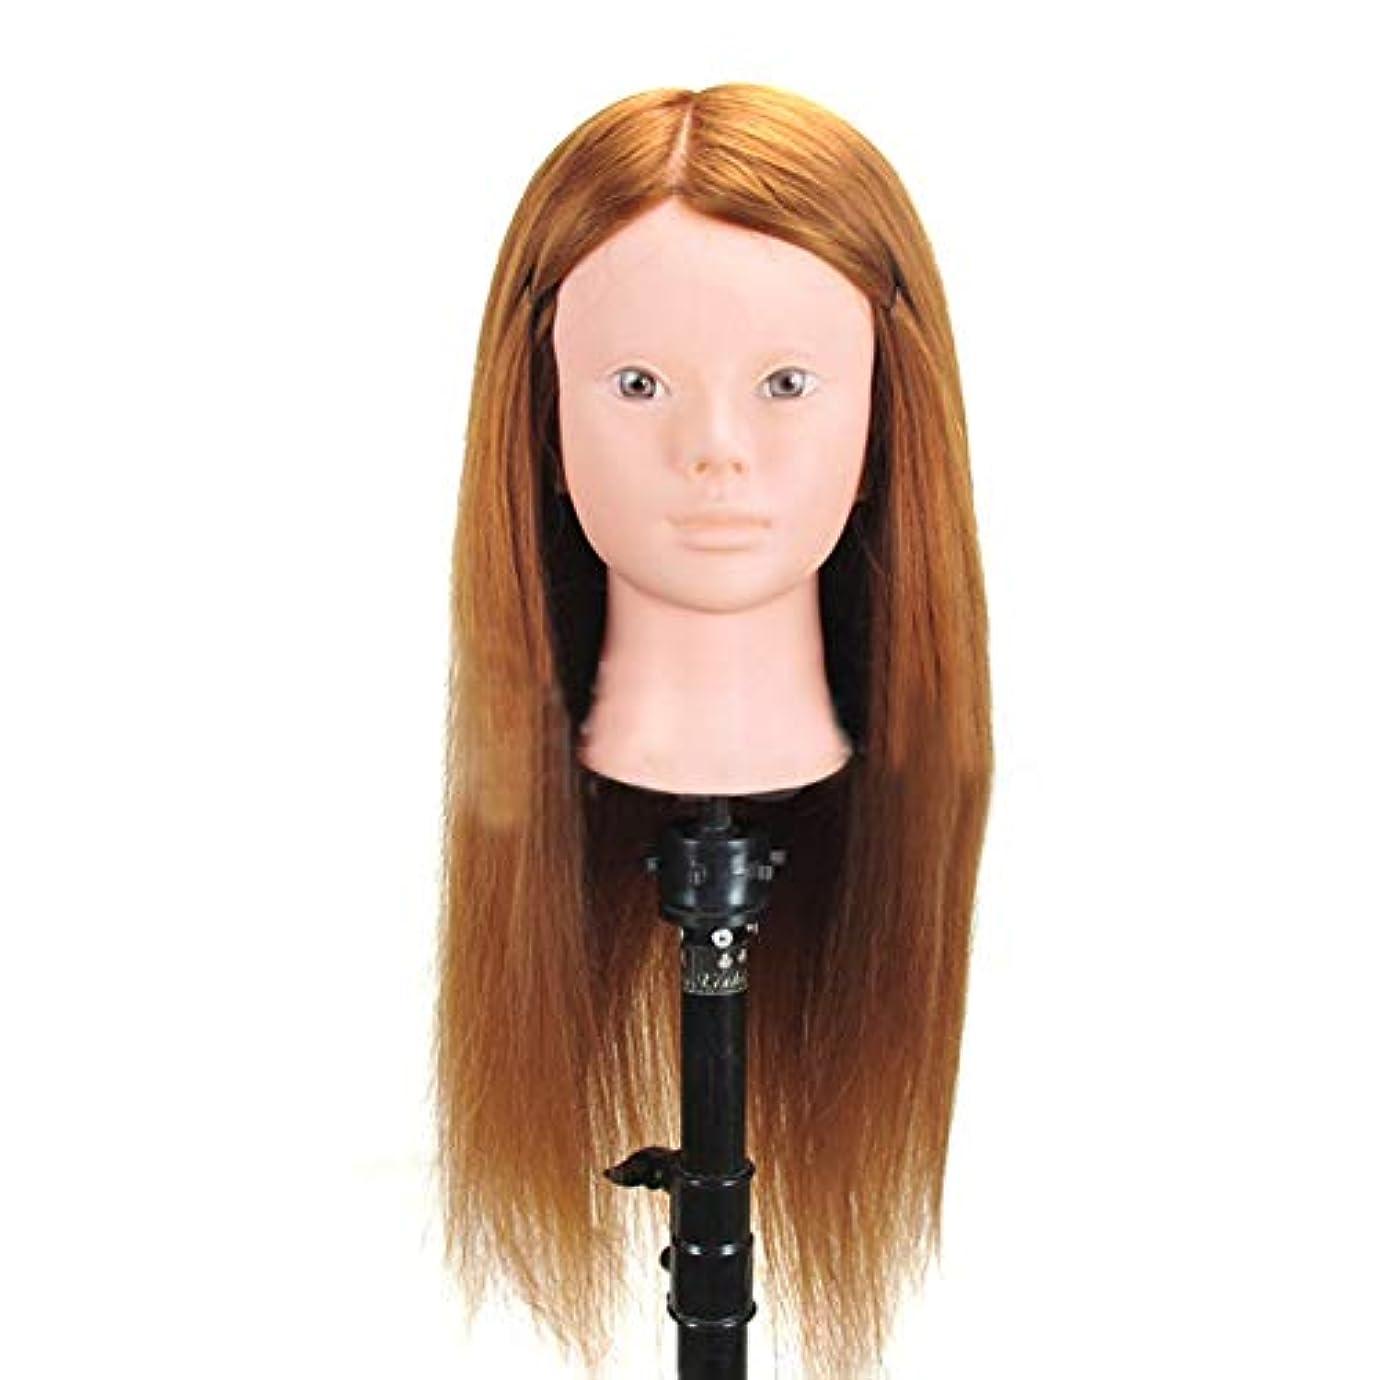 非武装化距離コンペ高温シルクヘアマネキンヘッド編組ヘアヘアピンヘッドモデルサロンパーマ髪染め学習ダミーヘッド